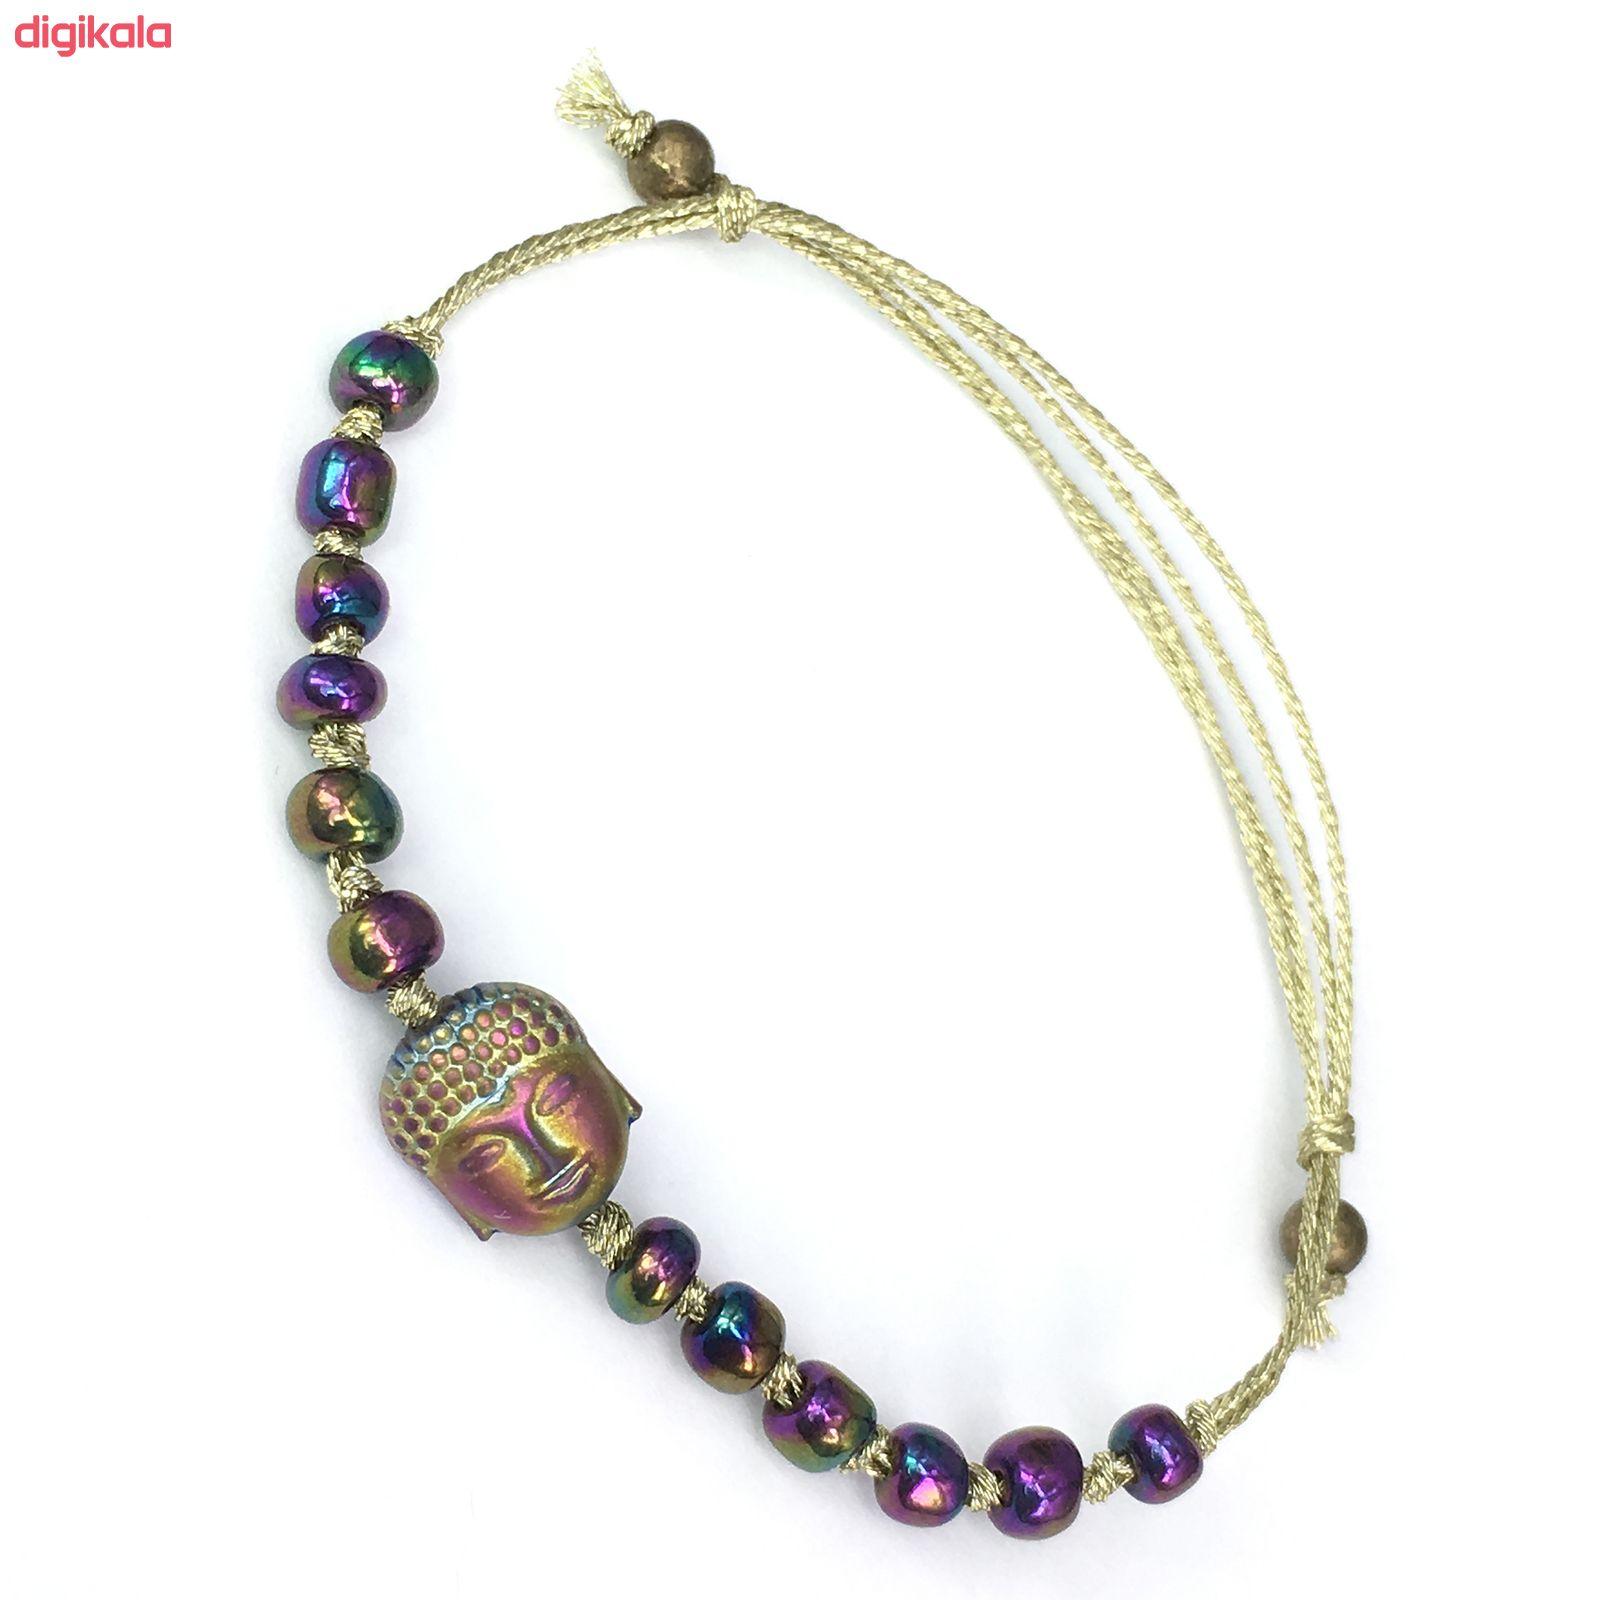 دستبند طرح بودا کد 050 main 1 1